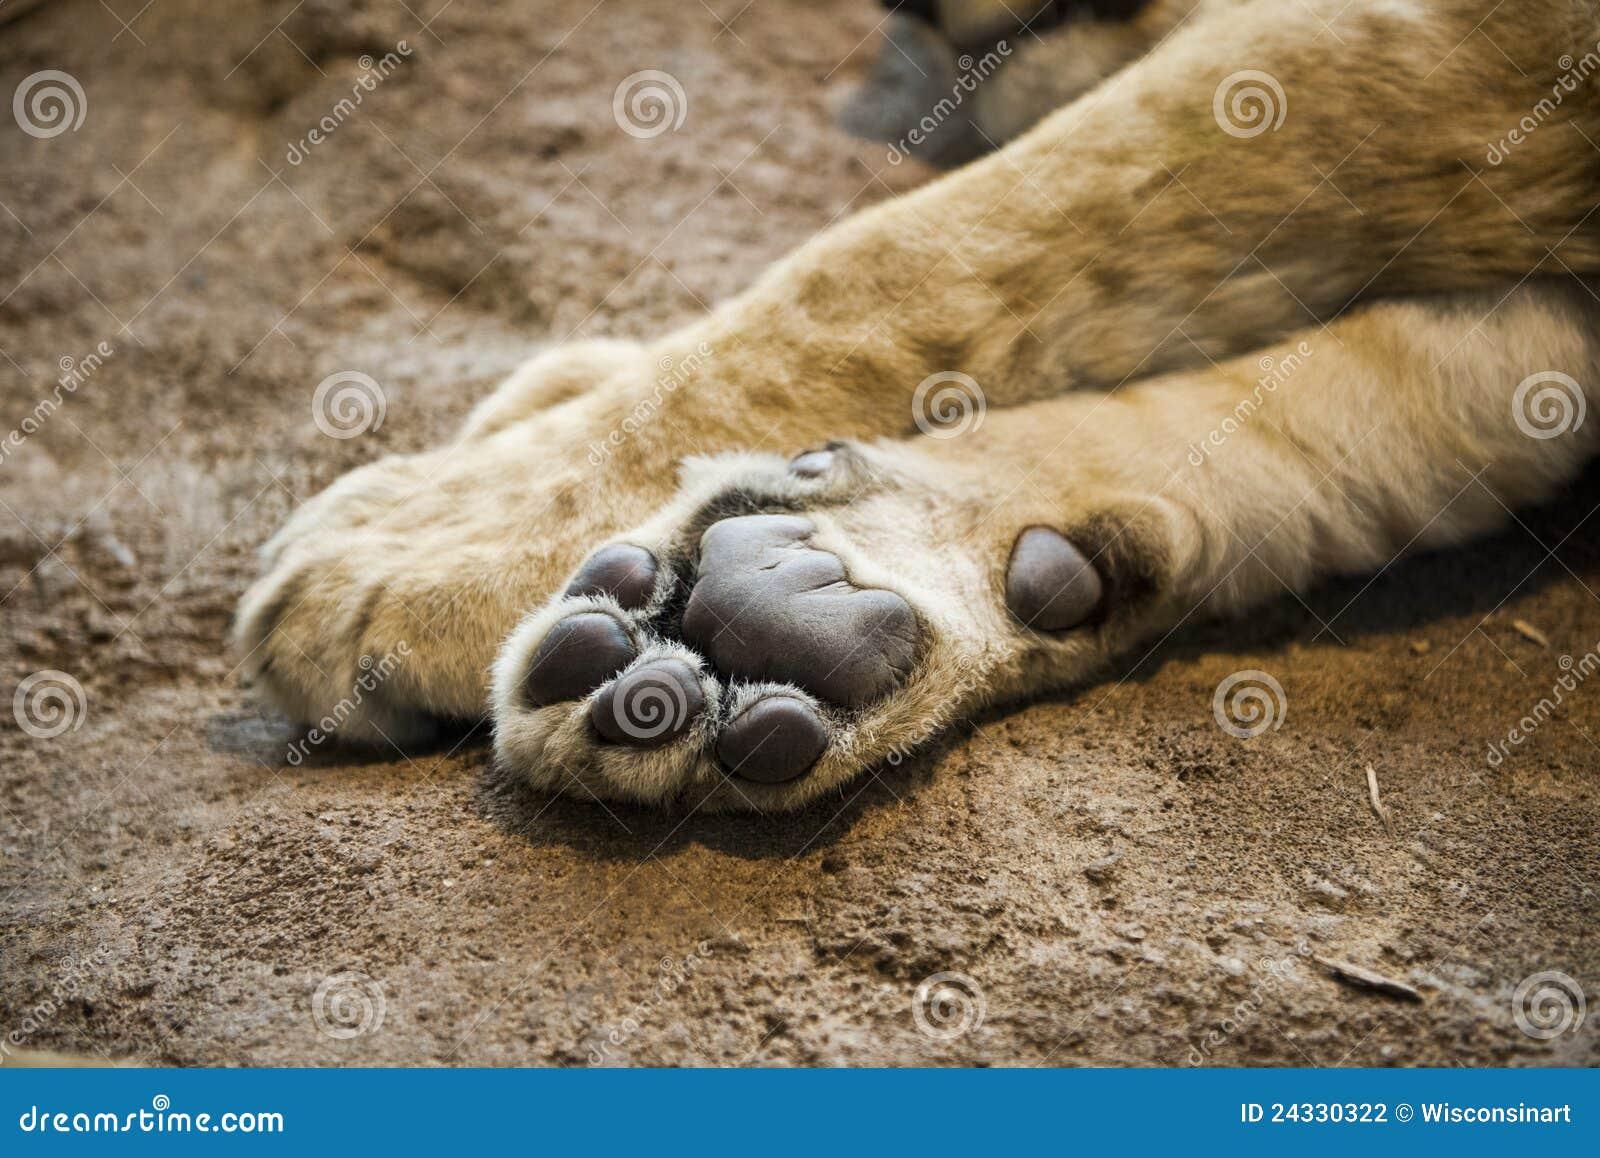 Patte ou pied de lion de d tail de plan rapproch photographie stock image 24330322 - Patte de lion ...